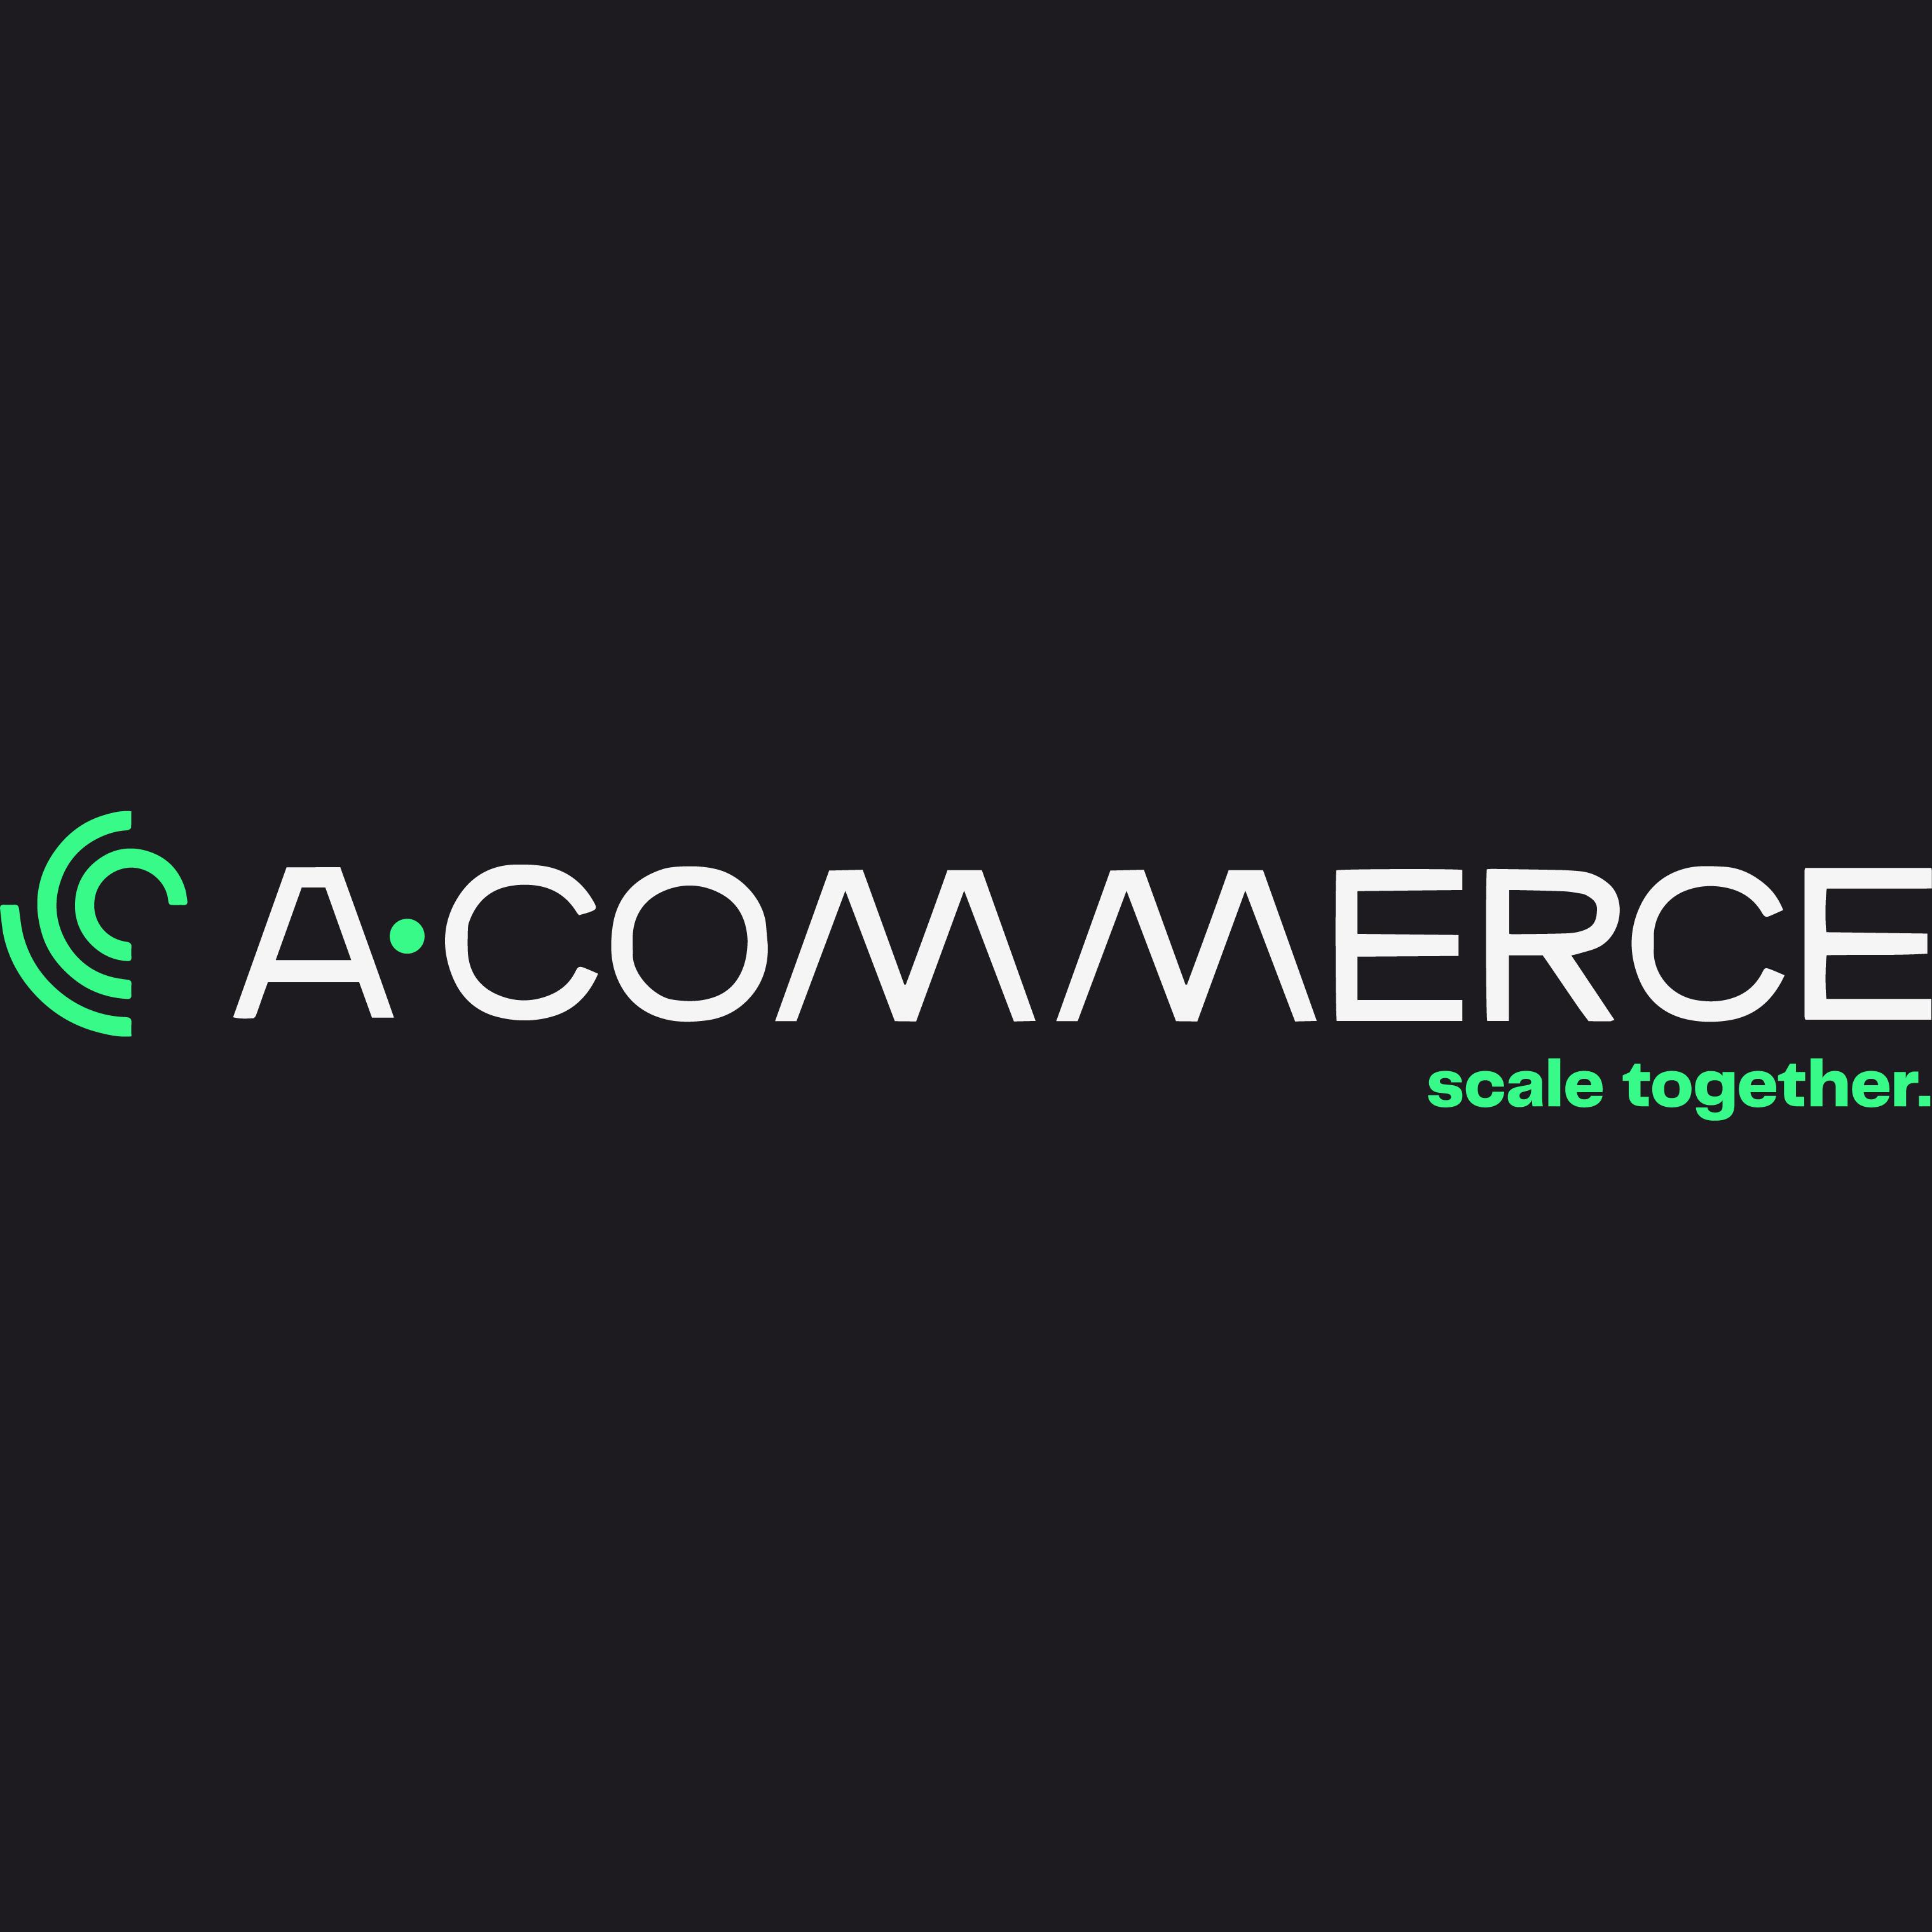 A-Commerce logo